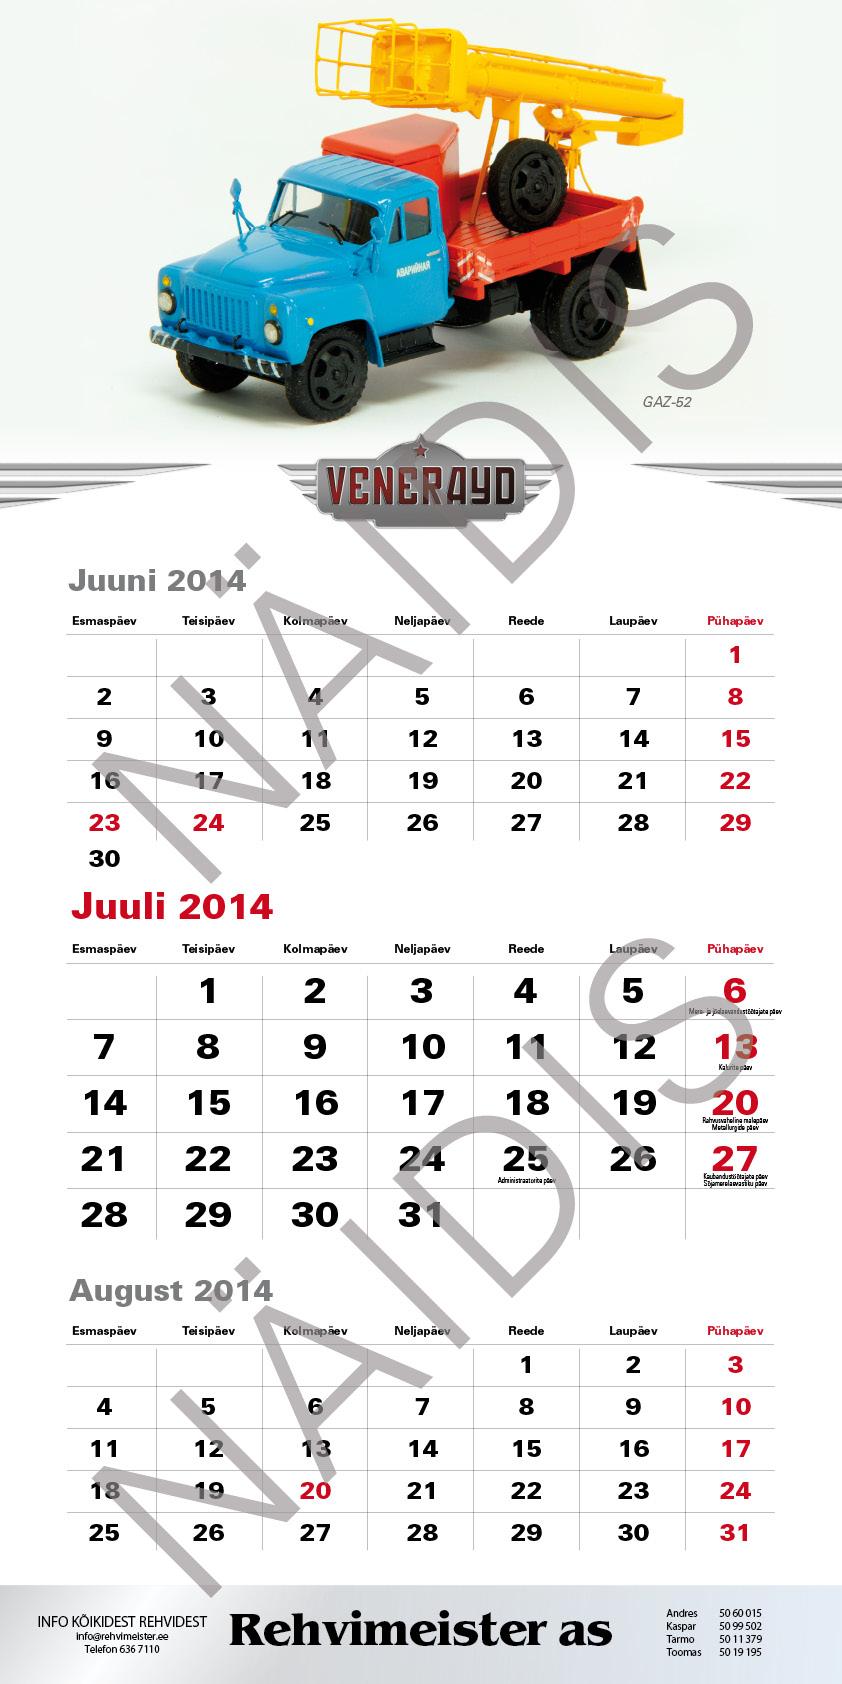 Veneraud_kalender_20148